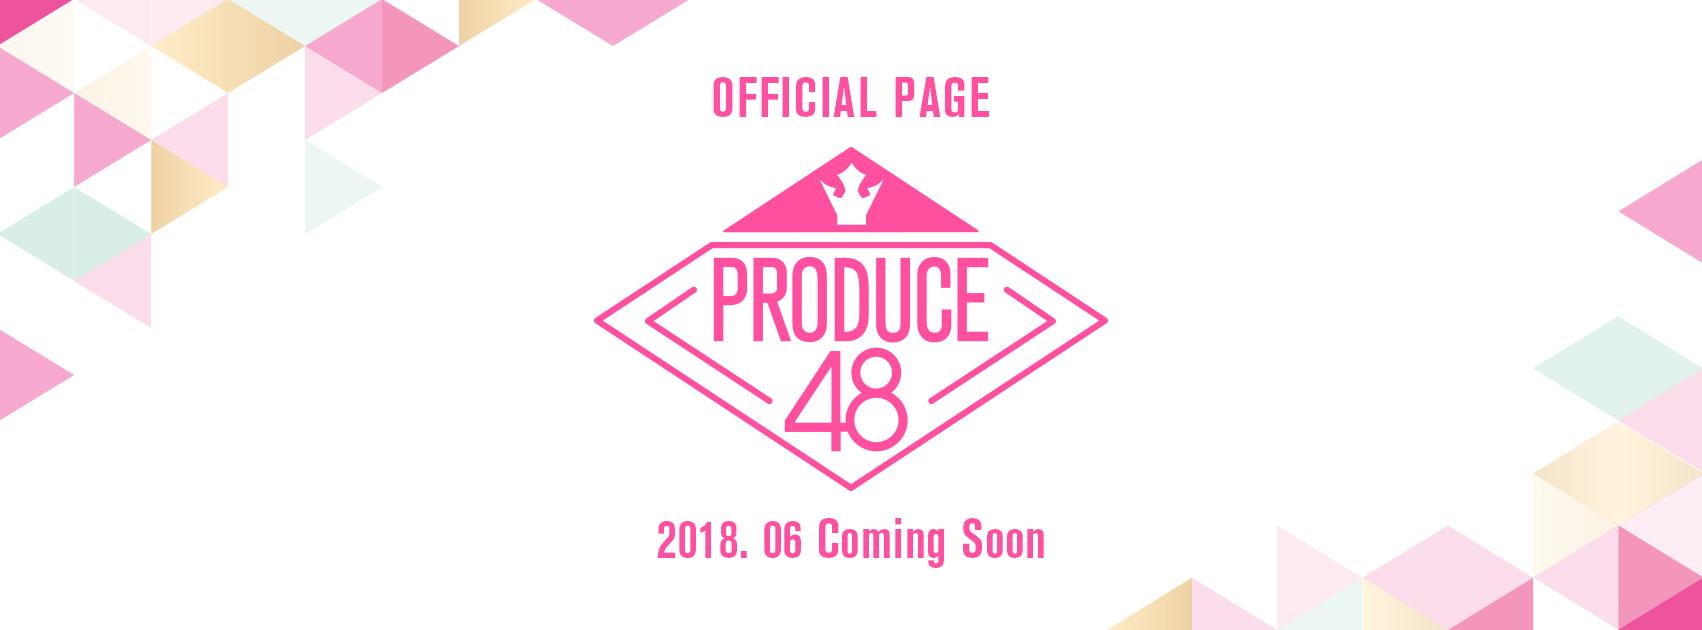 《Produce 48》未演先轟動,原本以為男女練習生都被Mnet家的眾多選秀節目給網羅過了一遍,沒想到《Produce》第三季不只「不老梗」,目前預計在6月播出的節目更匯集了日韓兩地的練習生